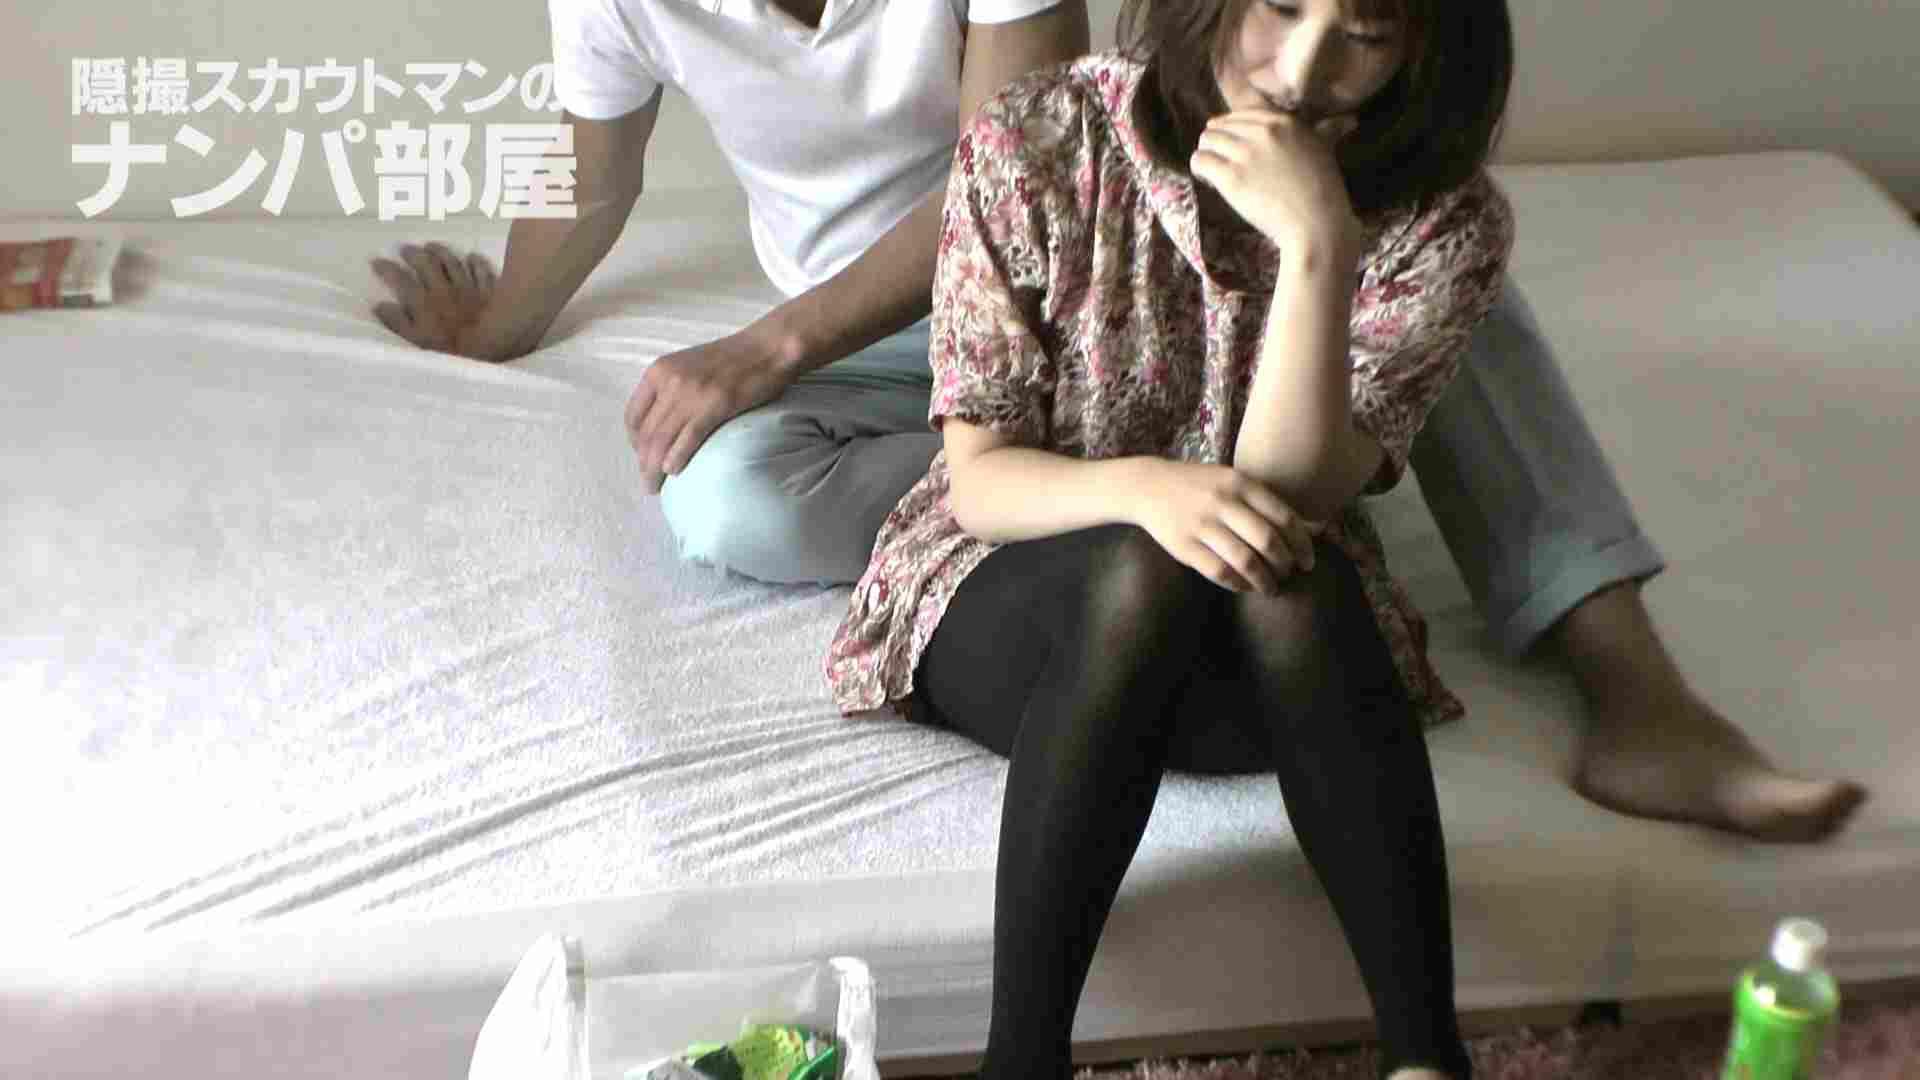 隠撮スカウトマンのナンパ部屋~風俗デビュー前のつまみ食い~ sii 脱衣所 | ナンパ  90連発 16